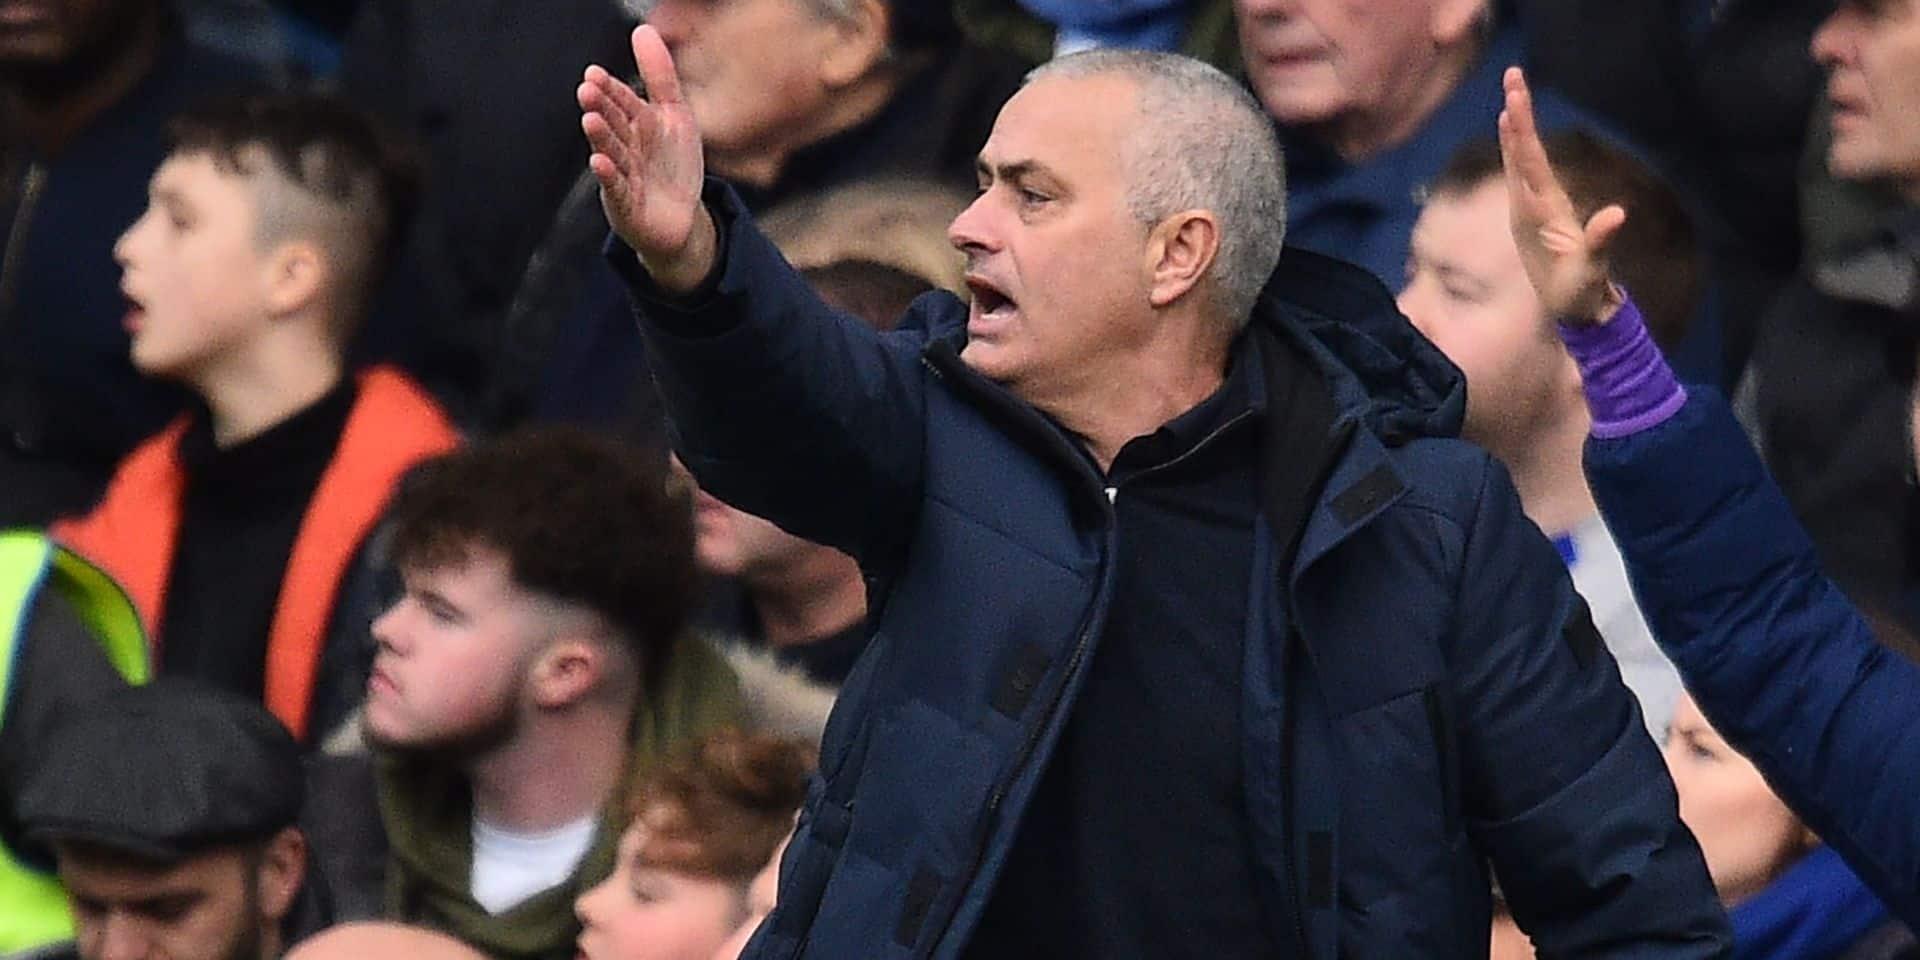 Chelsea bat Tottenham à l'occasion du retour de José Mourinho à Stamford Bridge